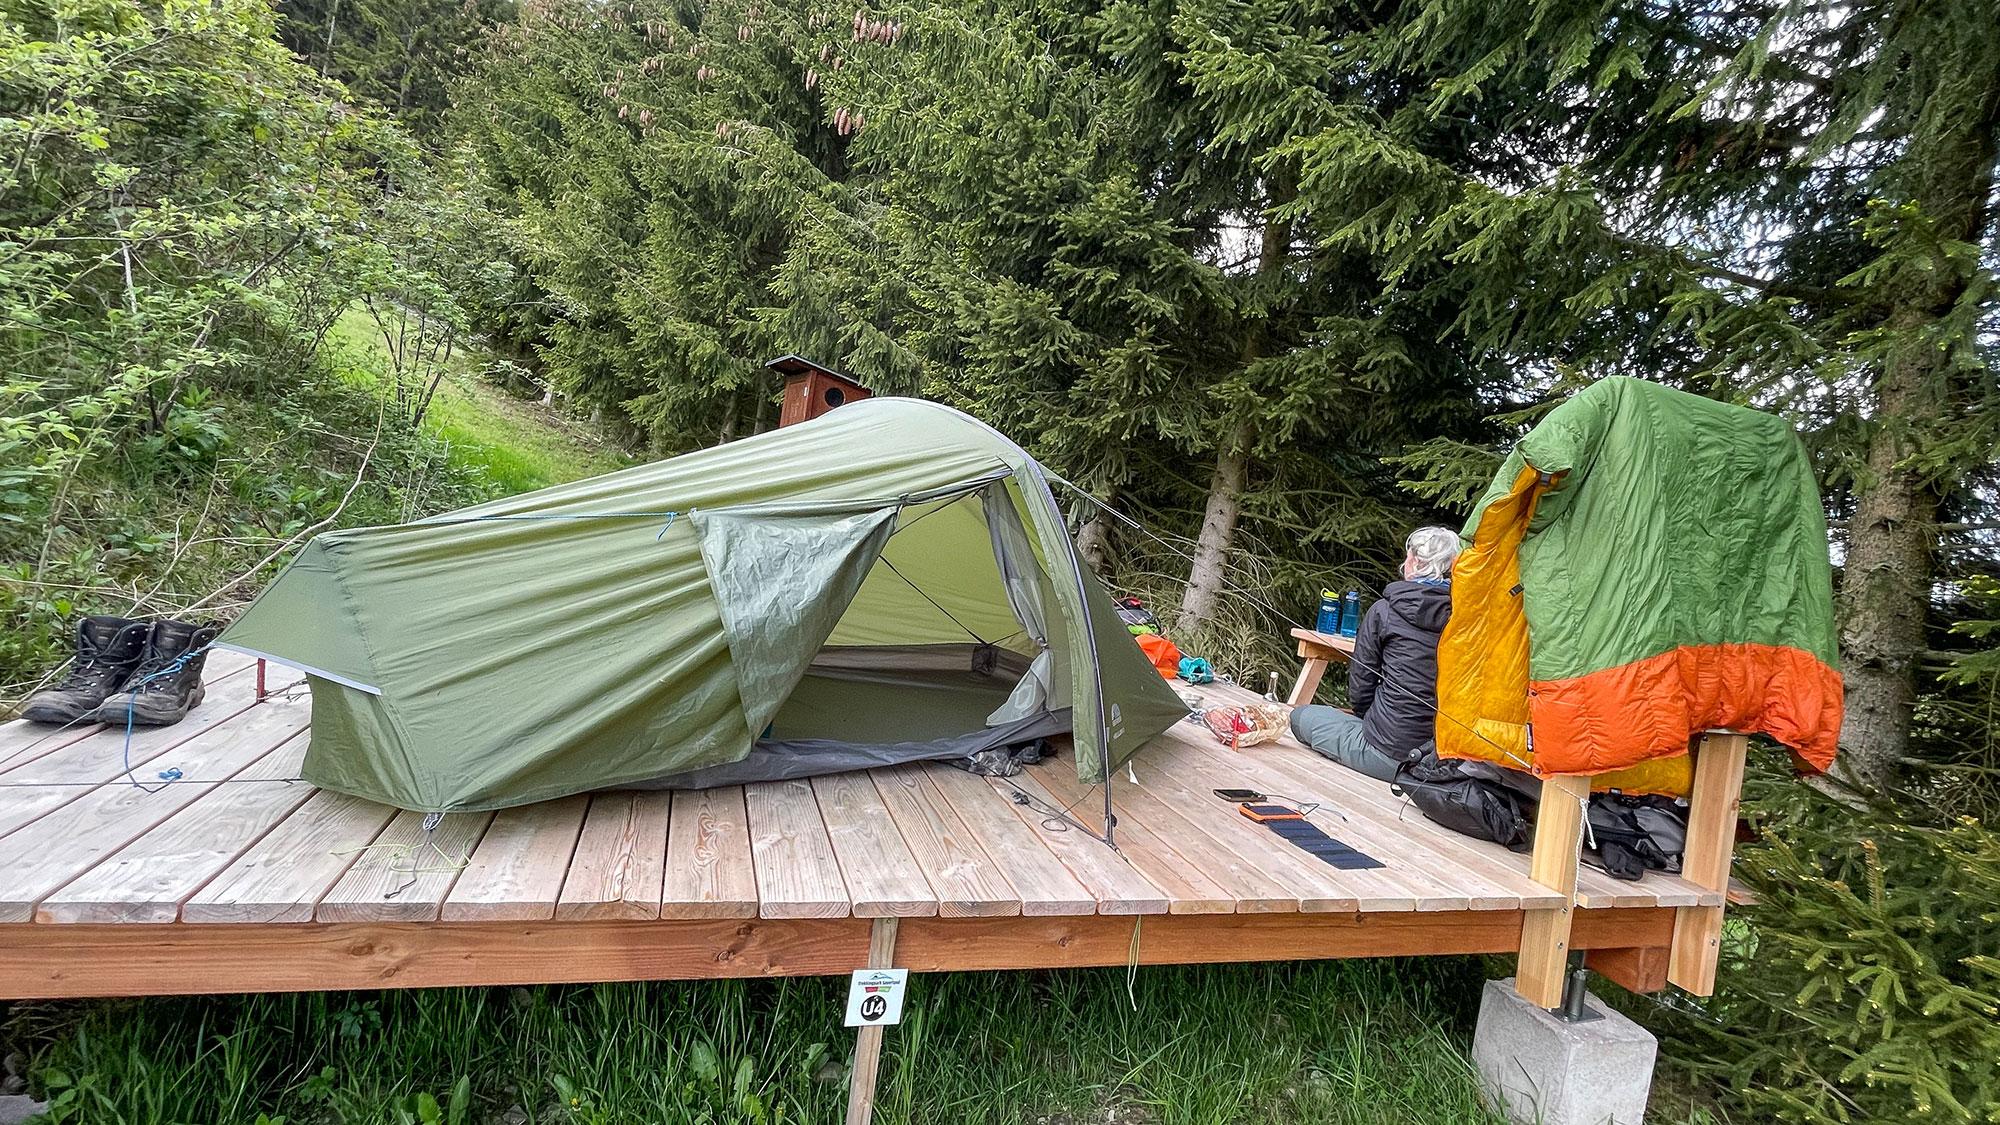 Trekkingplatz-Ritzhagen-Willingen und Vango UL Helium Zelt